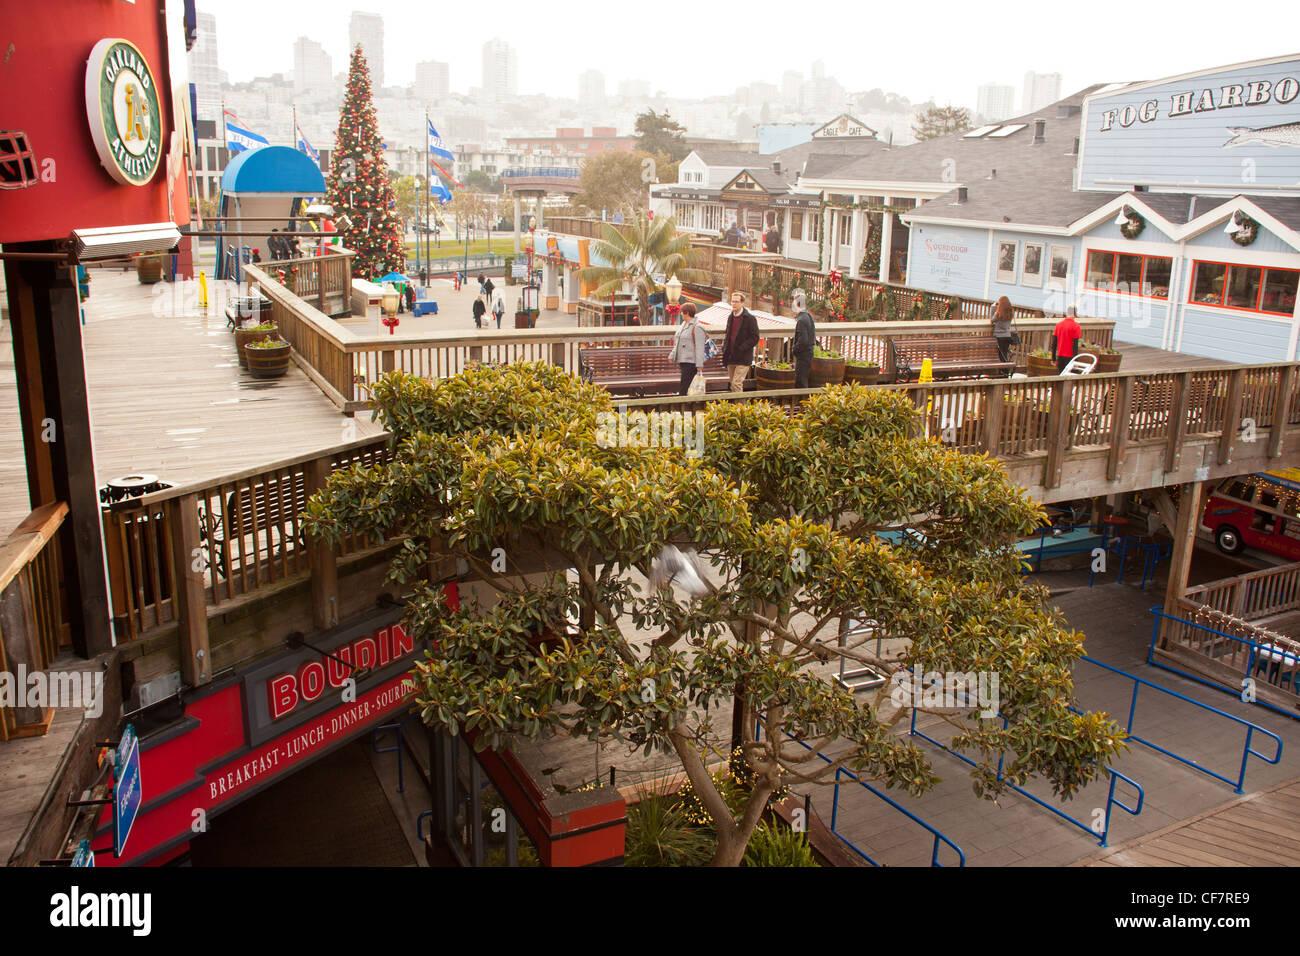 Weihnachten am Pier 39 Fishermans wharf-San Francisco Stockfoto ...